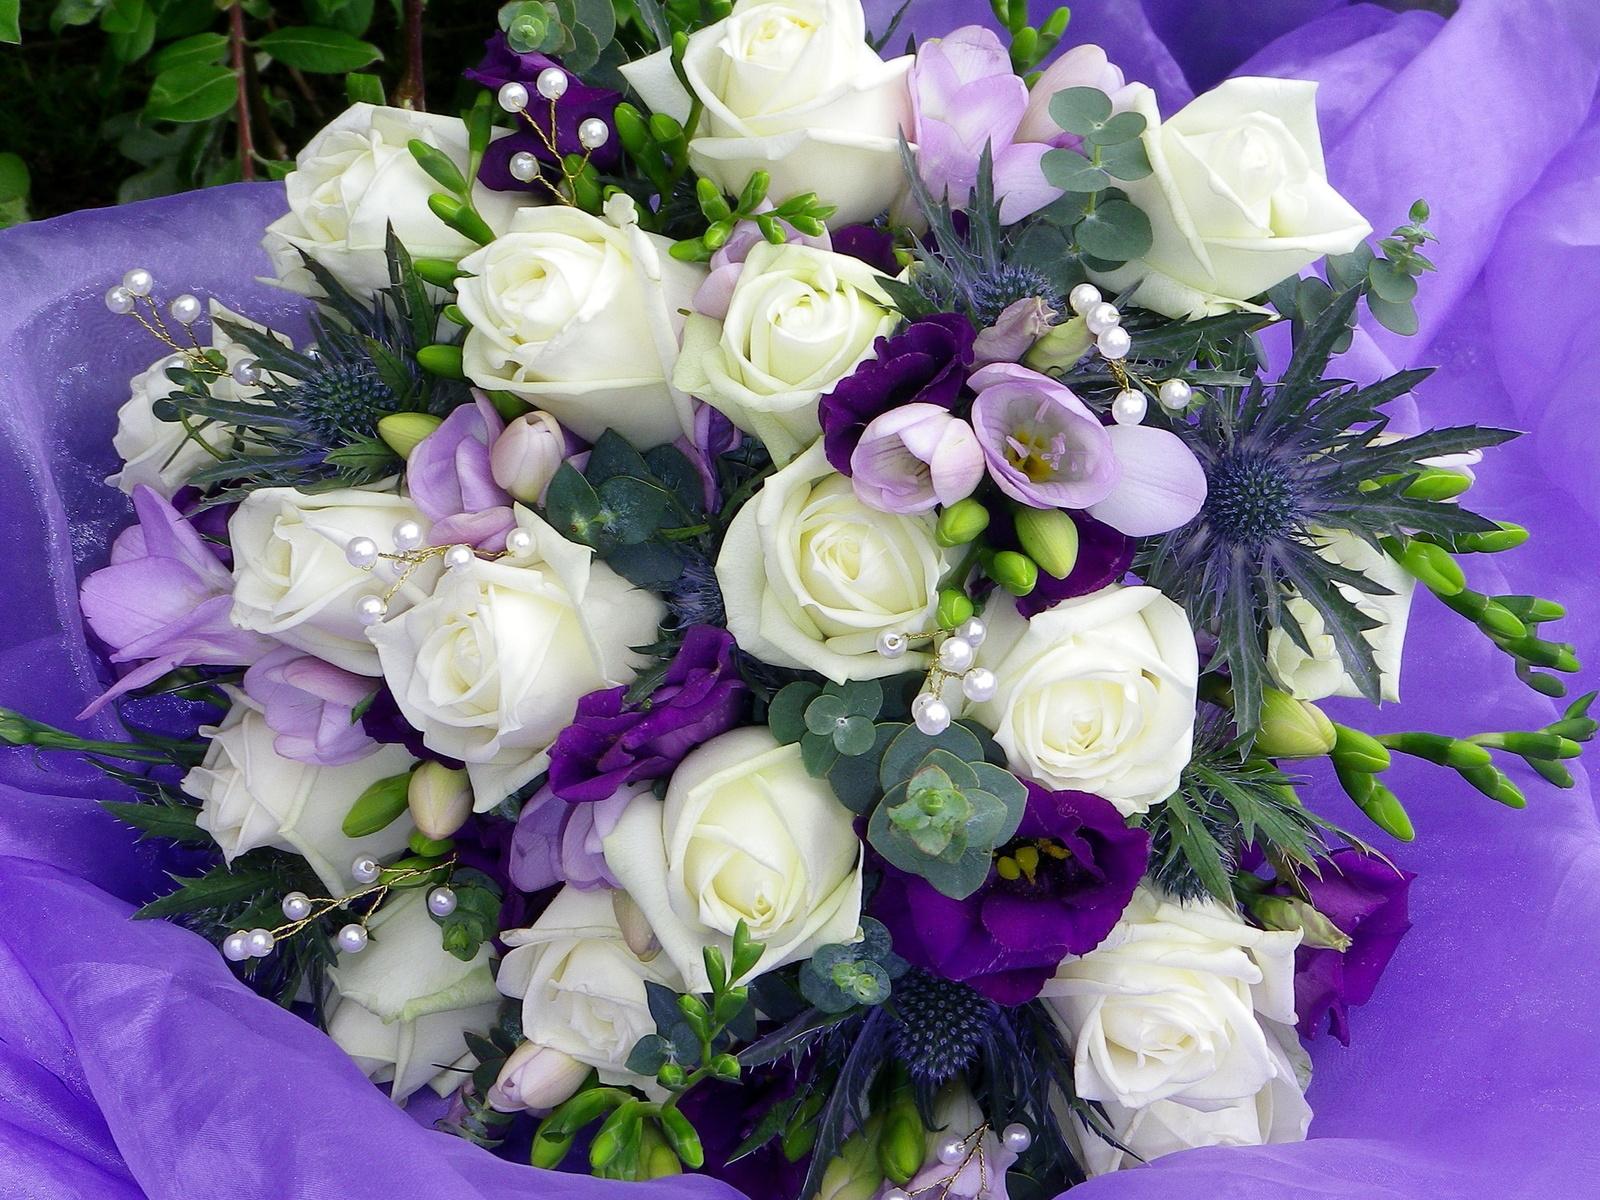 Скачать фото букетов красивых цветов